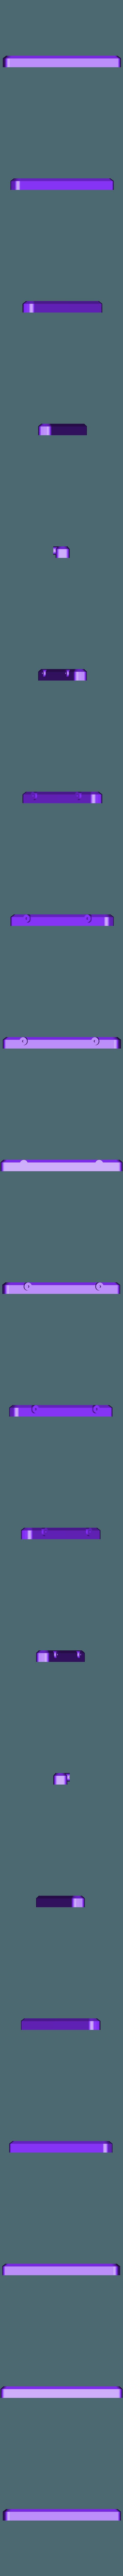 rooflight.stl Download free STL file Roof & Fog light LED kit for Radio Control models • 3D printer object, 3dxl